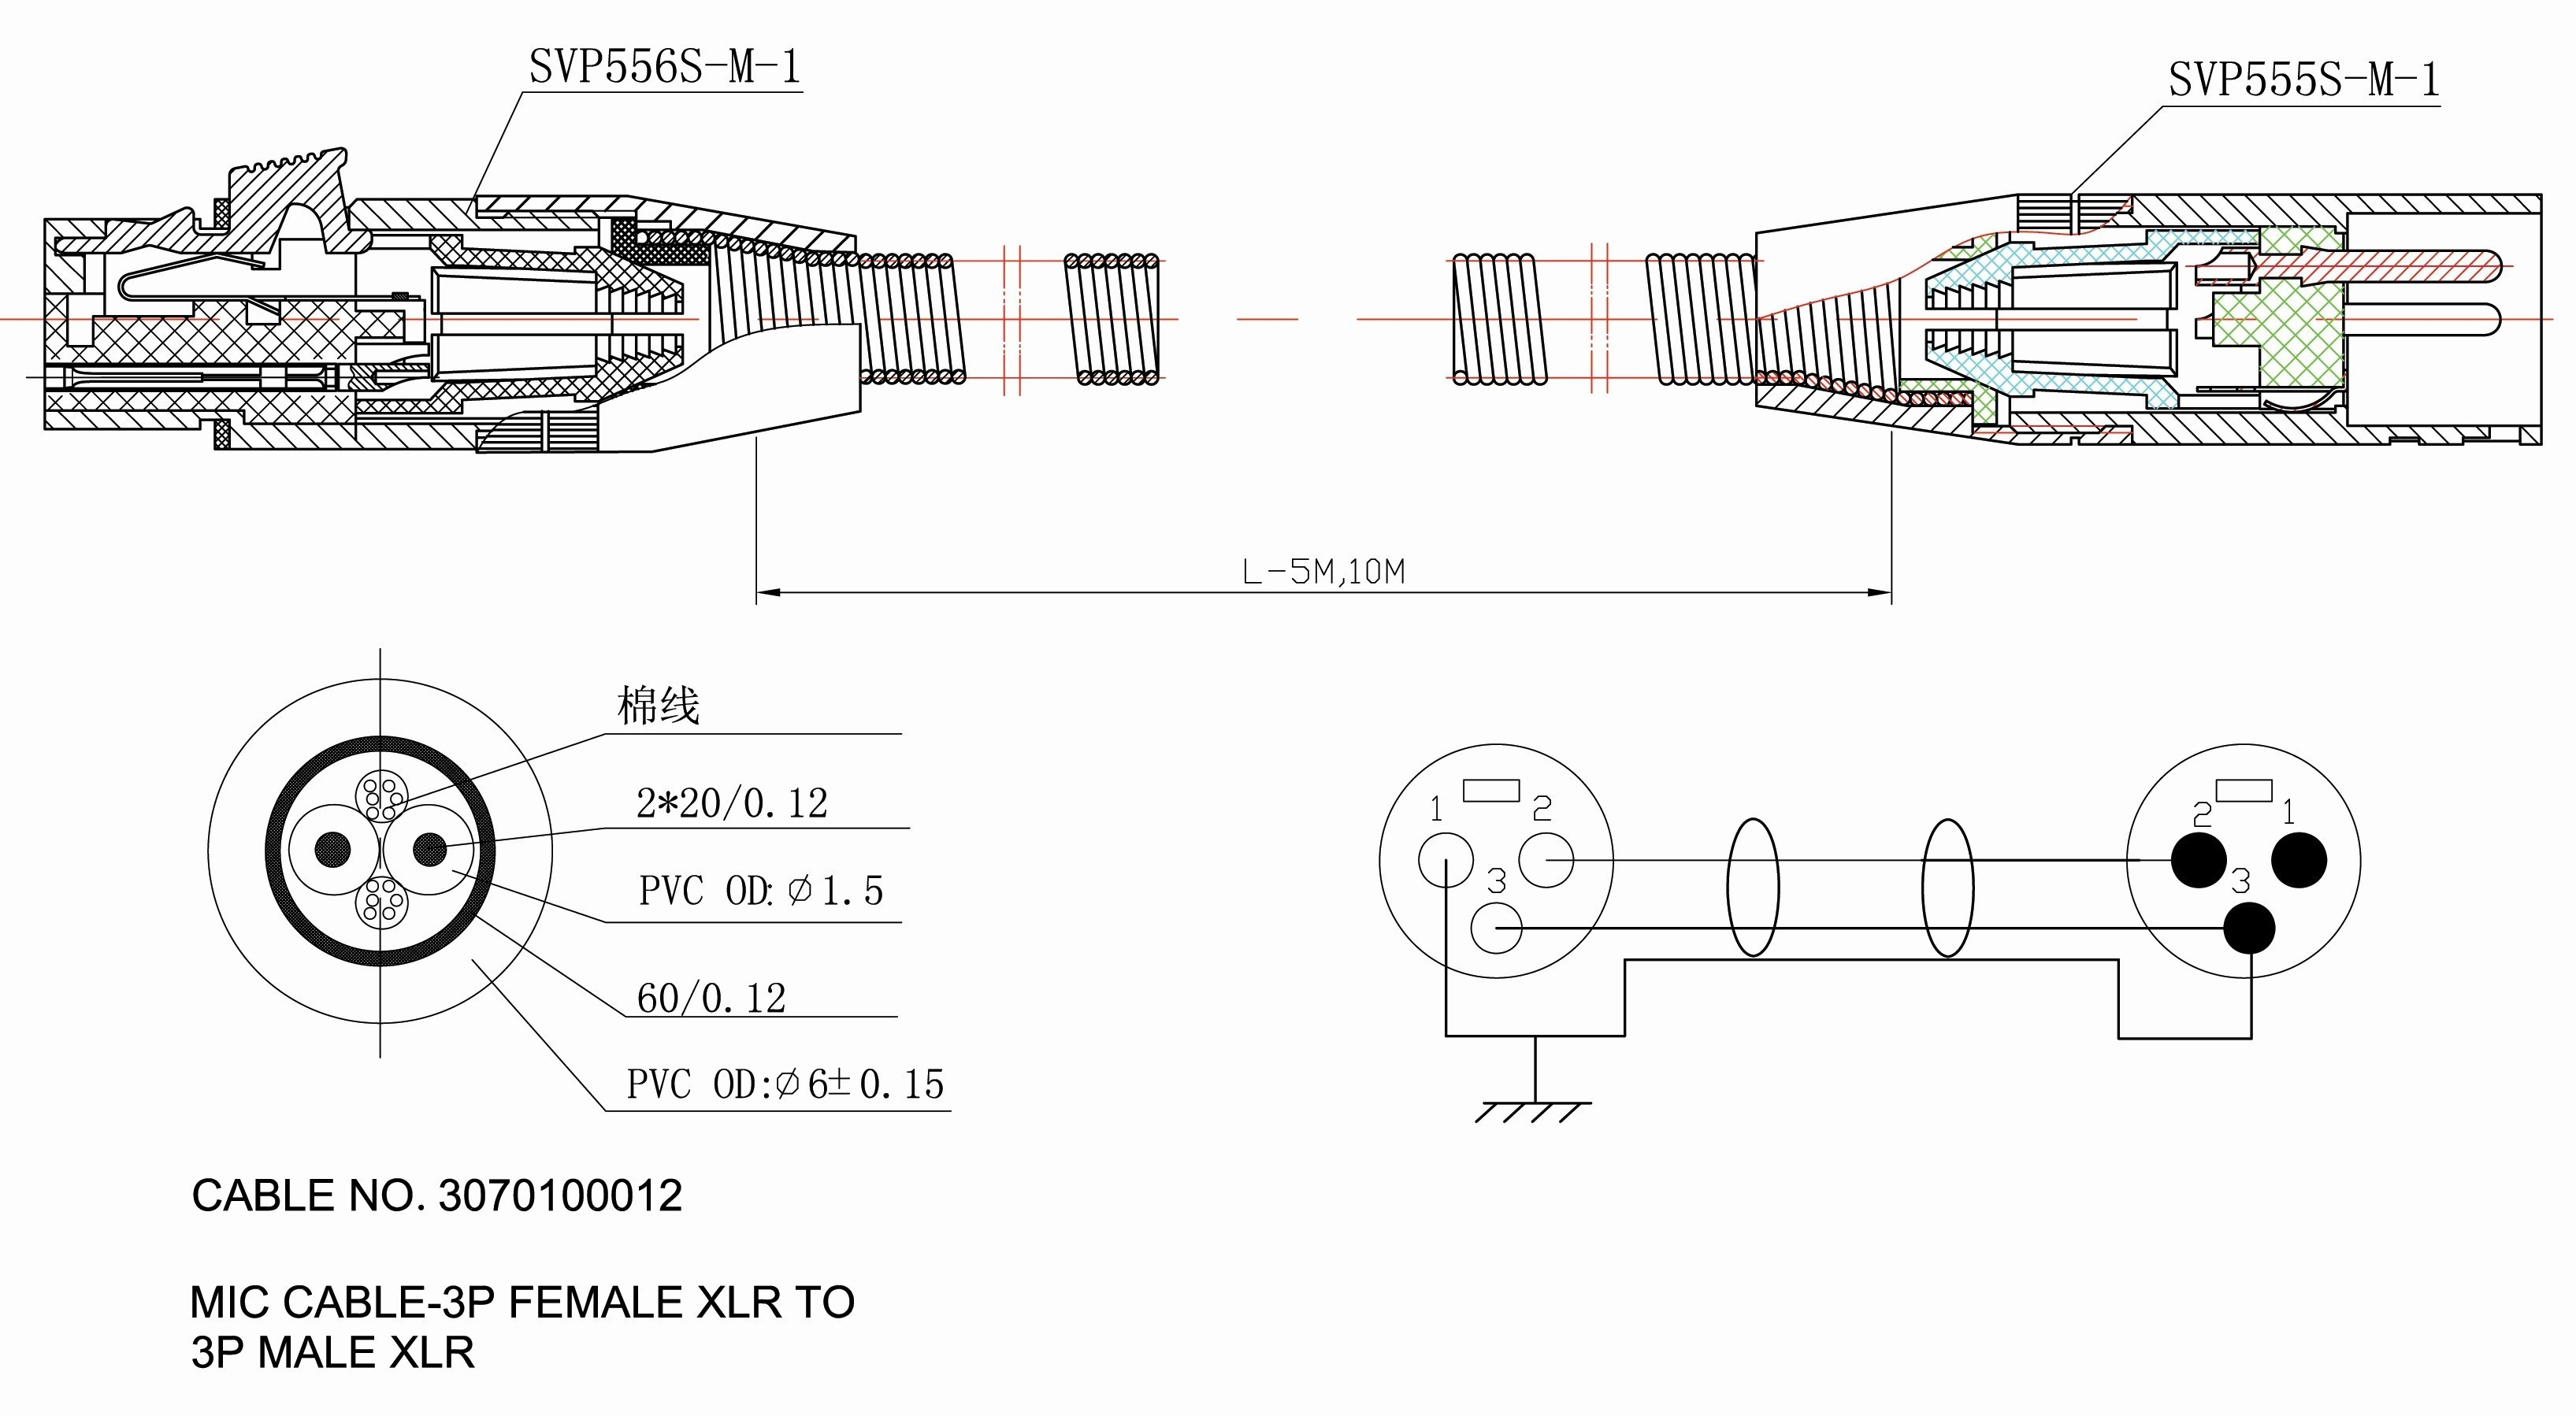 Simple Turn Signal Wiring Diagram Simple Wiring Diagram Fresh Simple Electrical Circuit Diagram Fresh Of Simple Turn Signal Wiring Diagram Simple Turn Signal Wiring Diagram Wiring Diagram today